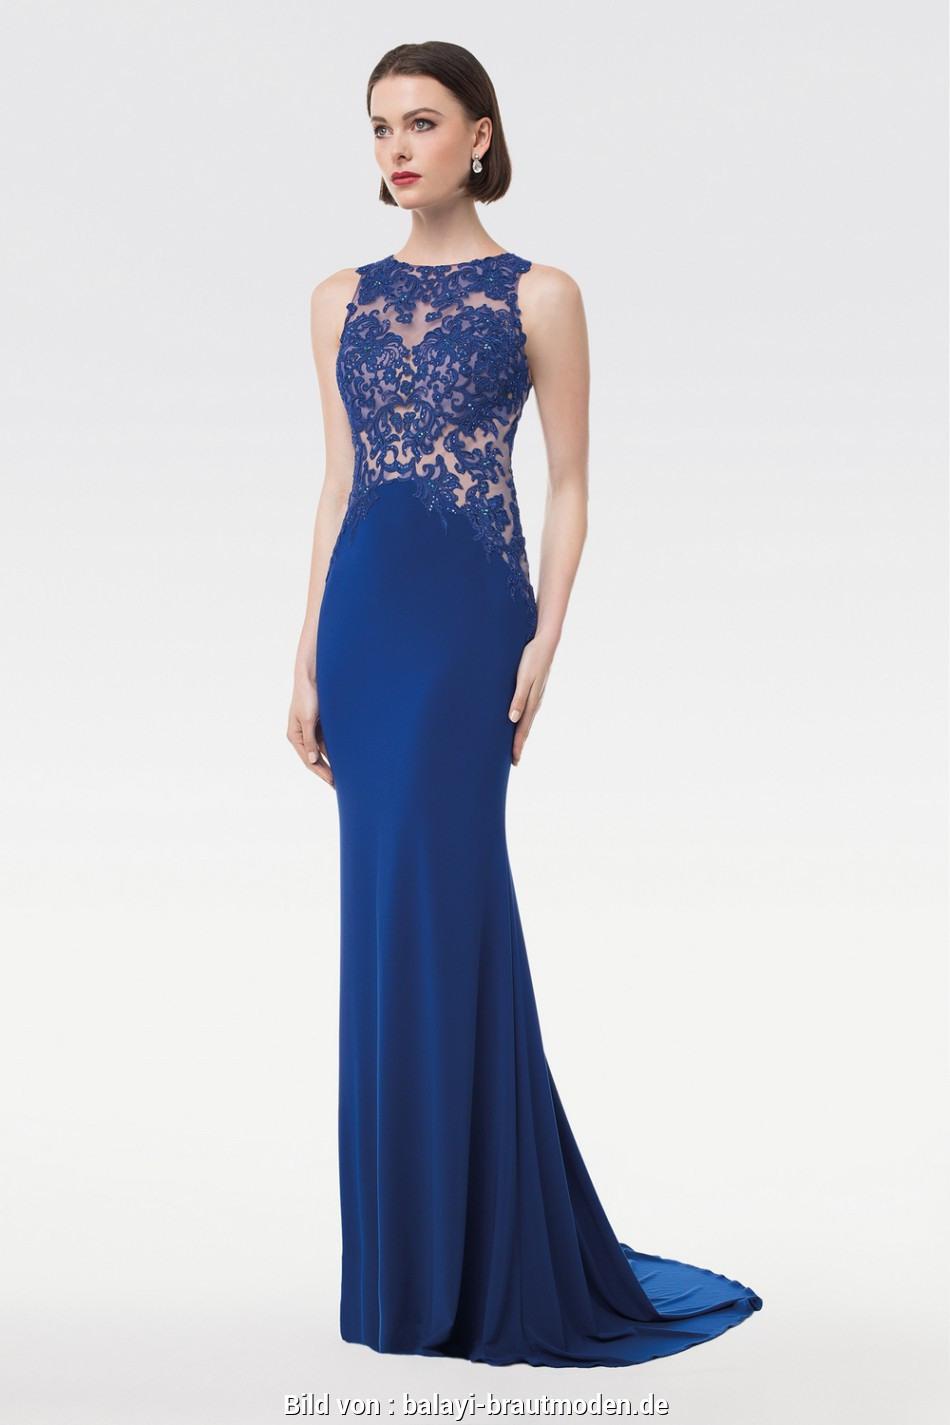 Schön Abendkleider Wo Kaufen Bester Preis Großartig Abendkleider Wo Kaufen für 2019